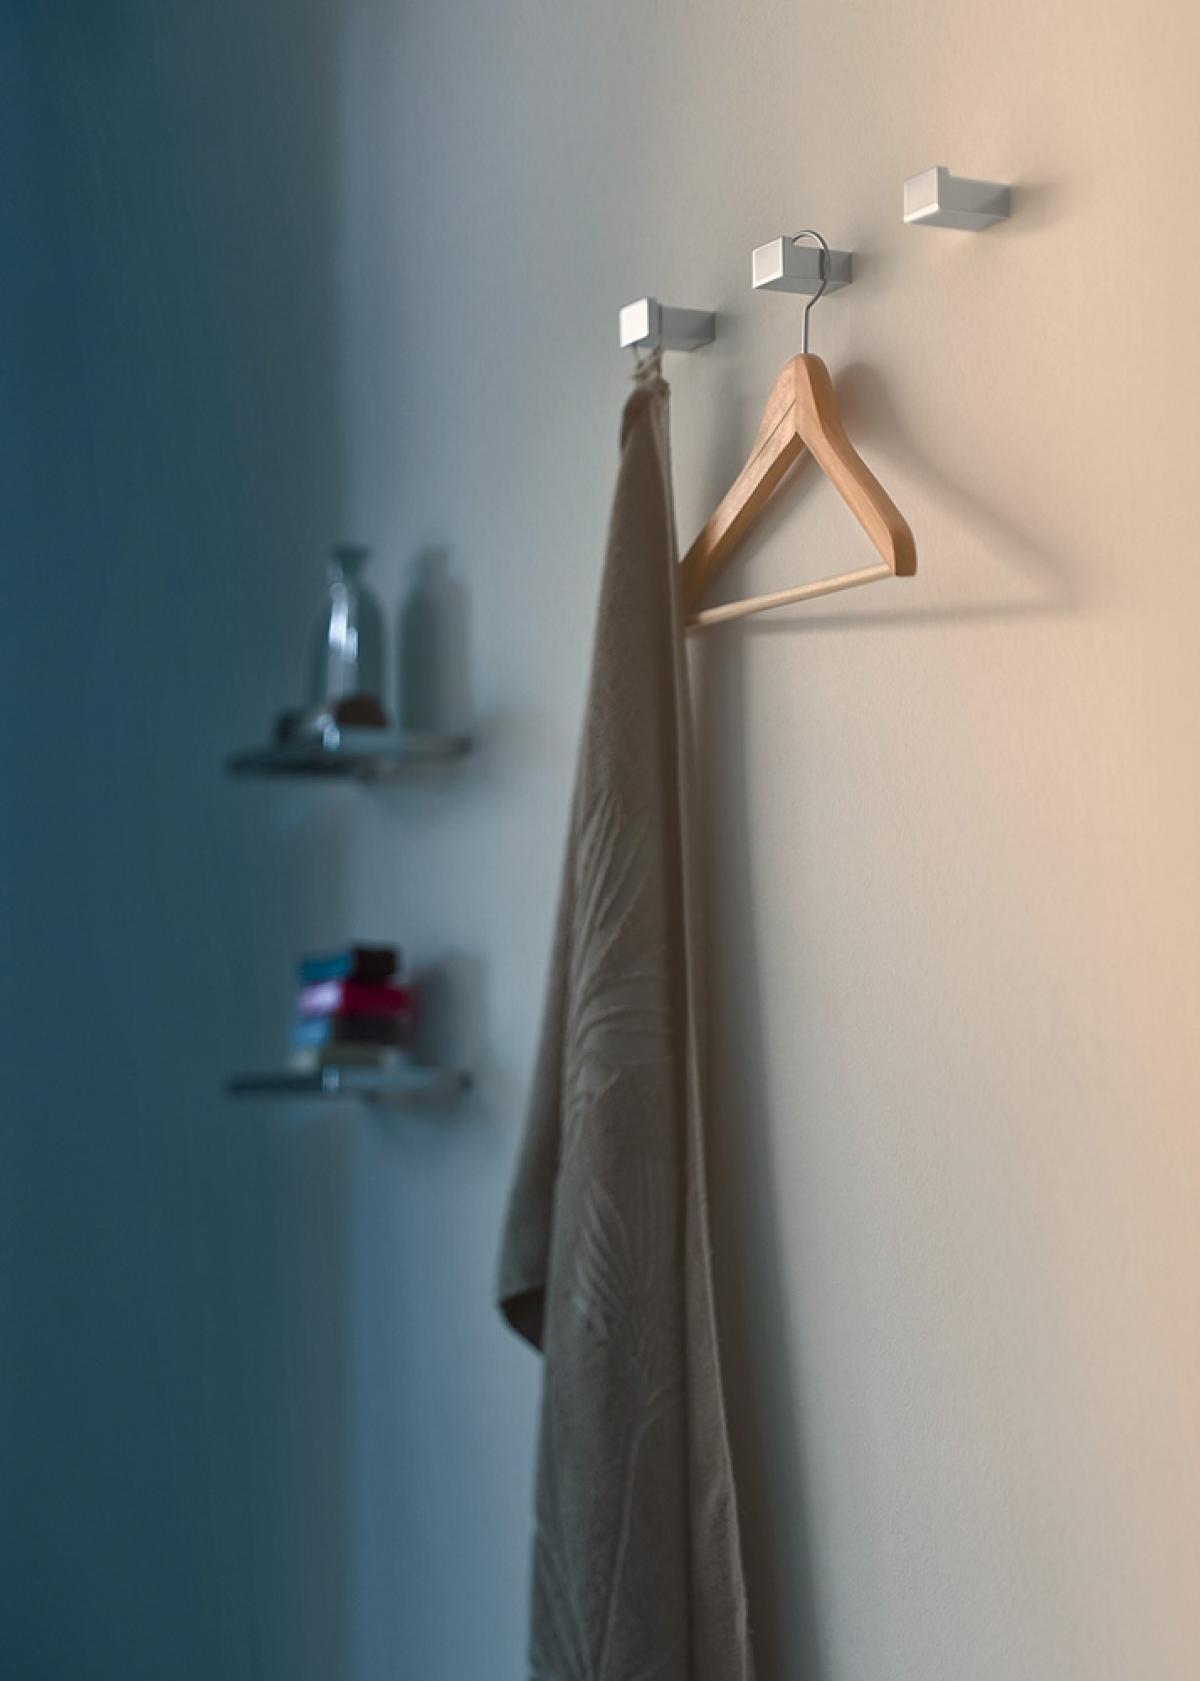 Accessoires salle de bains new europe inda induscabel salle de bains chauffage et cuisine - Accessoires pour salle de bain ...